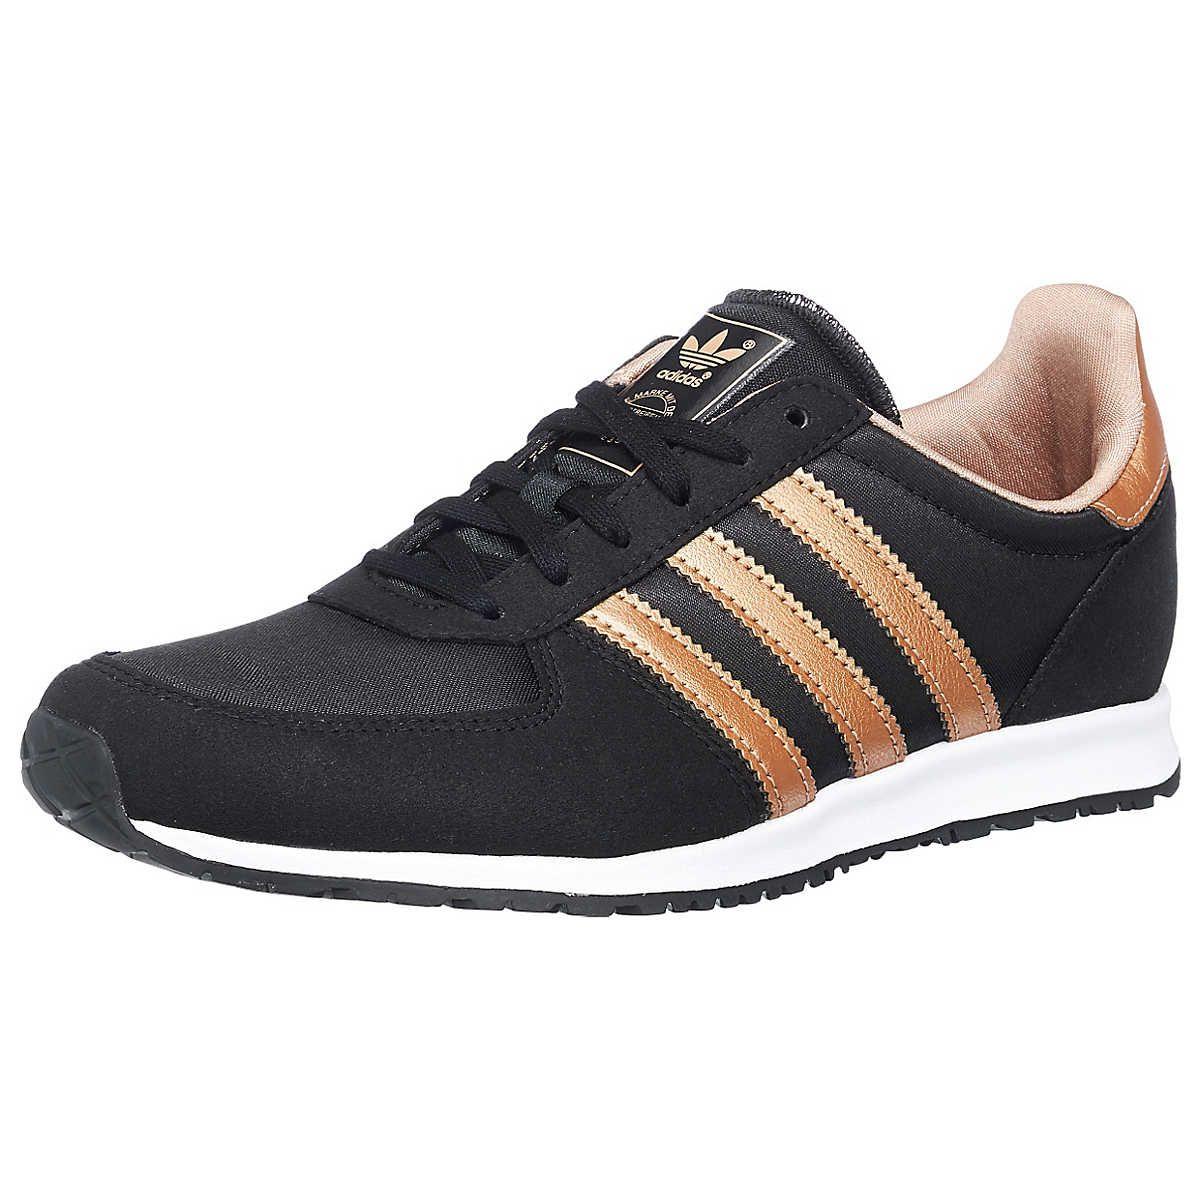 Sneakers günstig online kaufen ❤ tolle Auswahl bei mirapodo. ✓ Kauf auf  Rechnung ✓ Schnelle Lieferung ✓ Kostenloser Rückversand. 793084d538